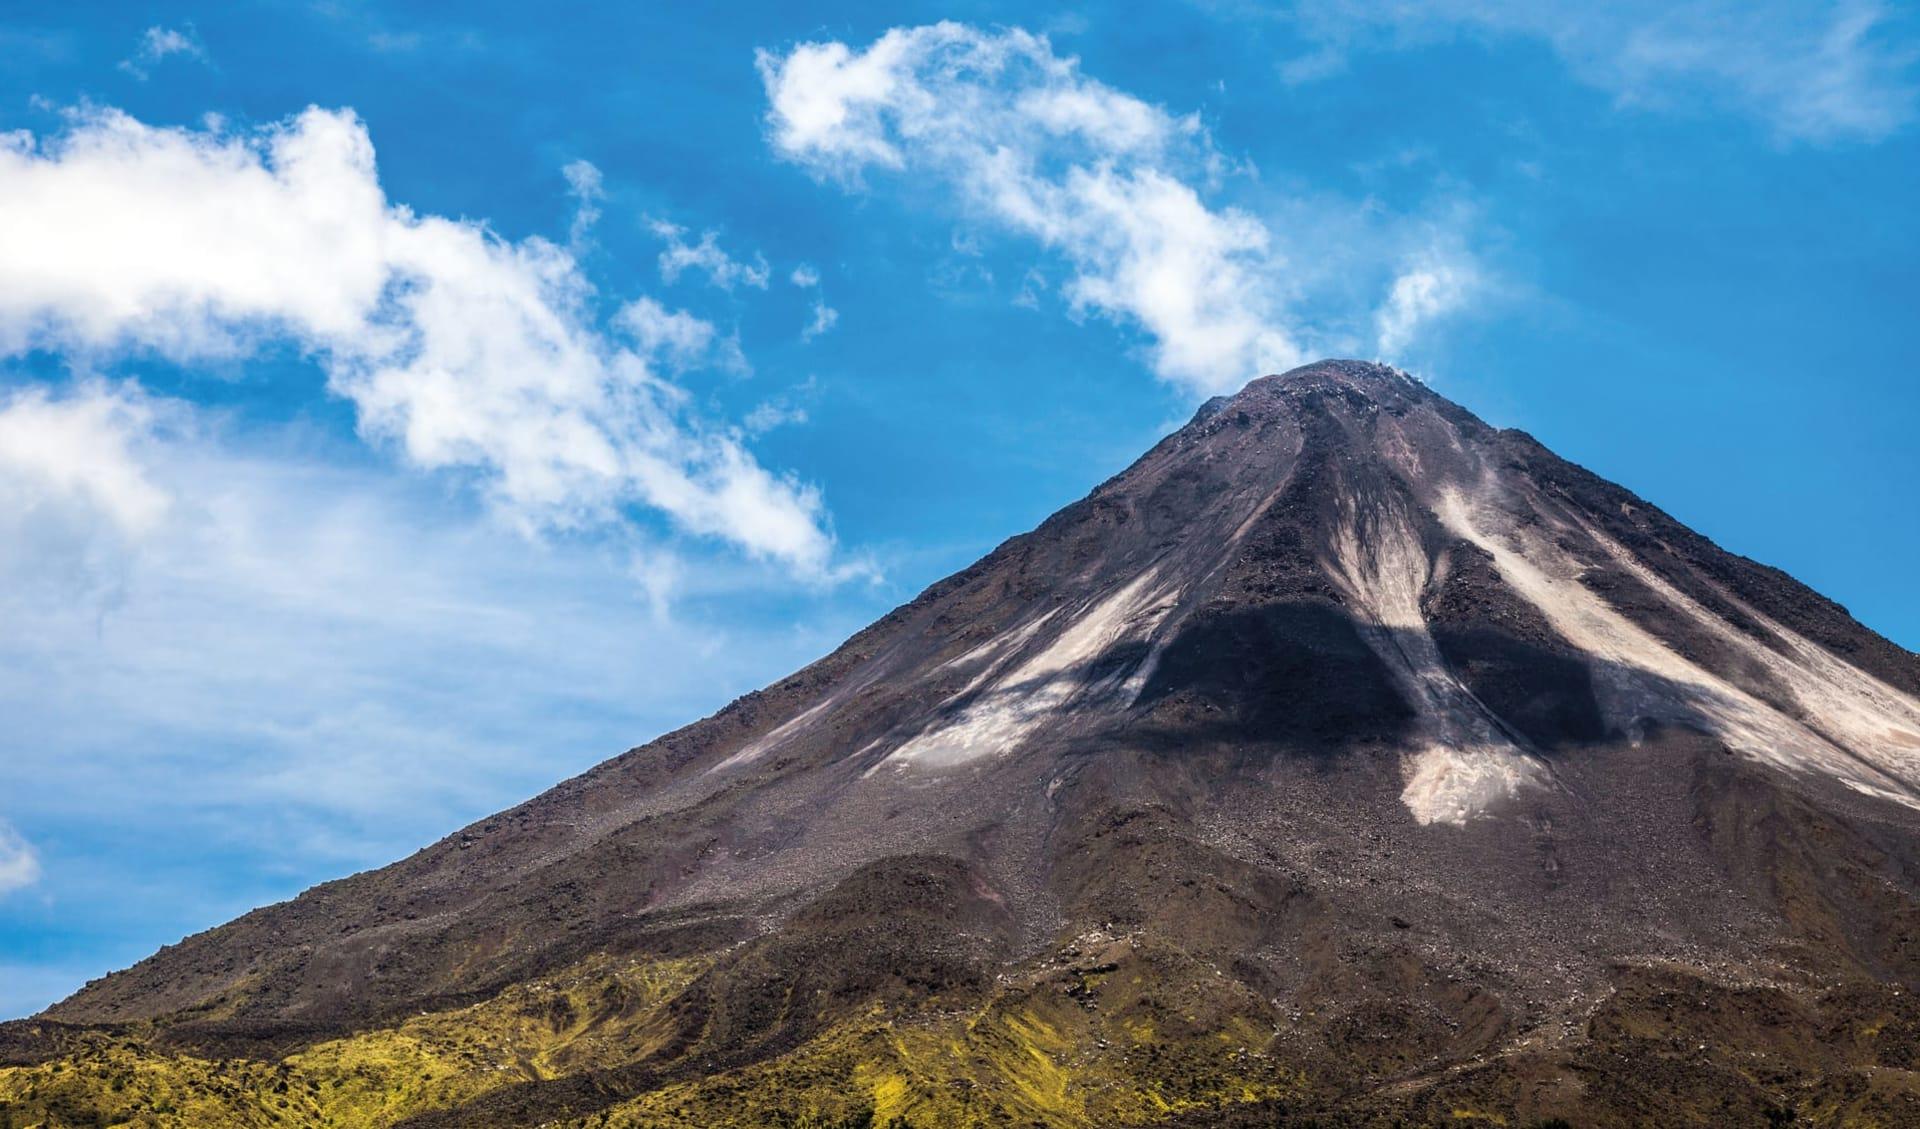 Privatreise Traumhaftes Costa Rica ab San José City: Costa Rica - Arenal Vulkan - Sicht auf Vulkan